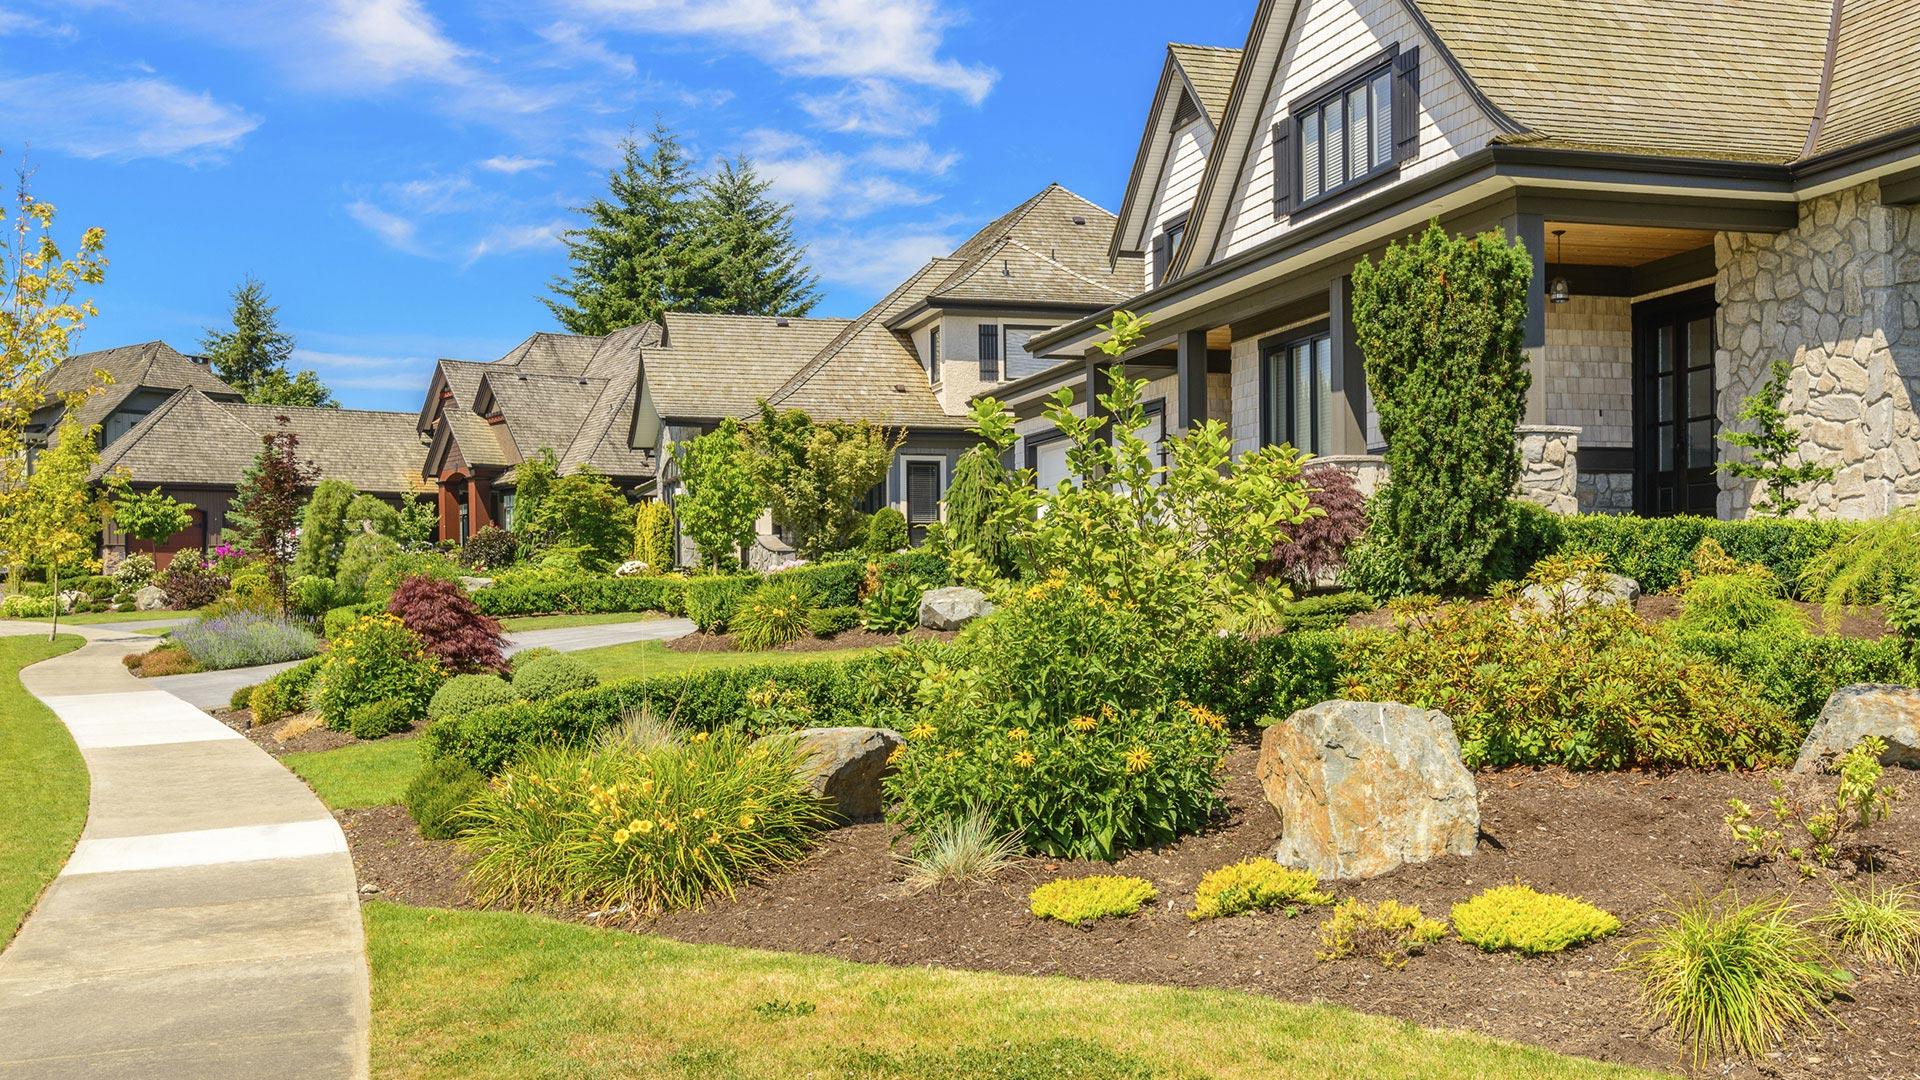 Lejendary Landscape LLC Hardscaping, Landscaping and Outdoor Living slide 2